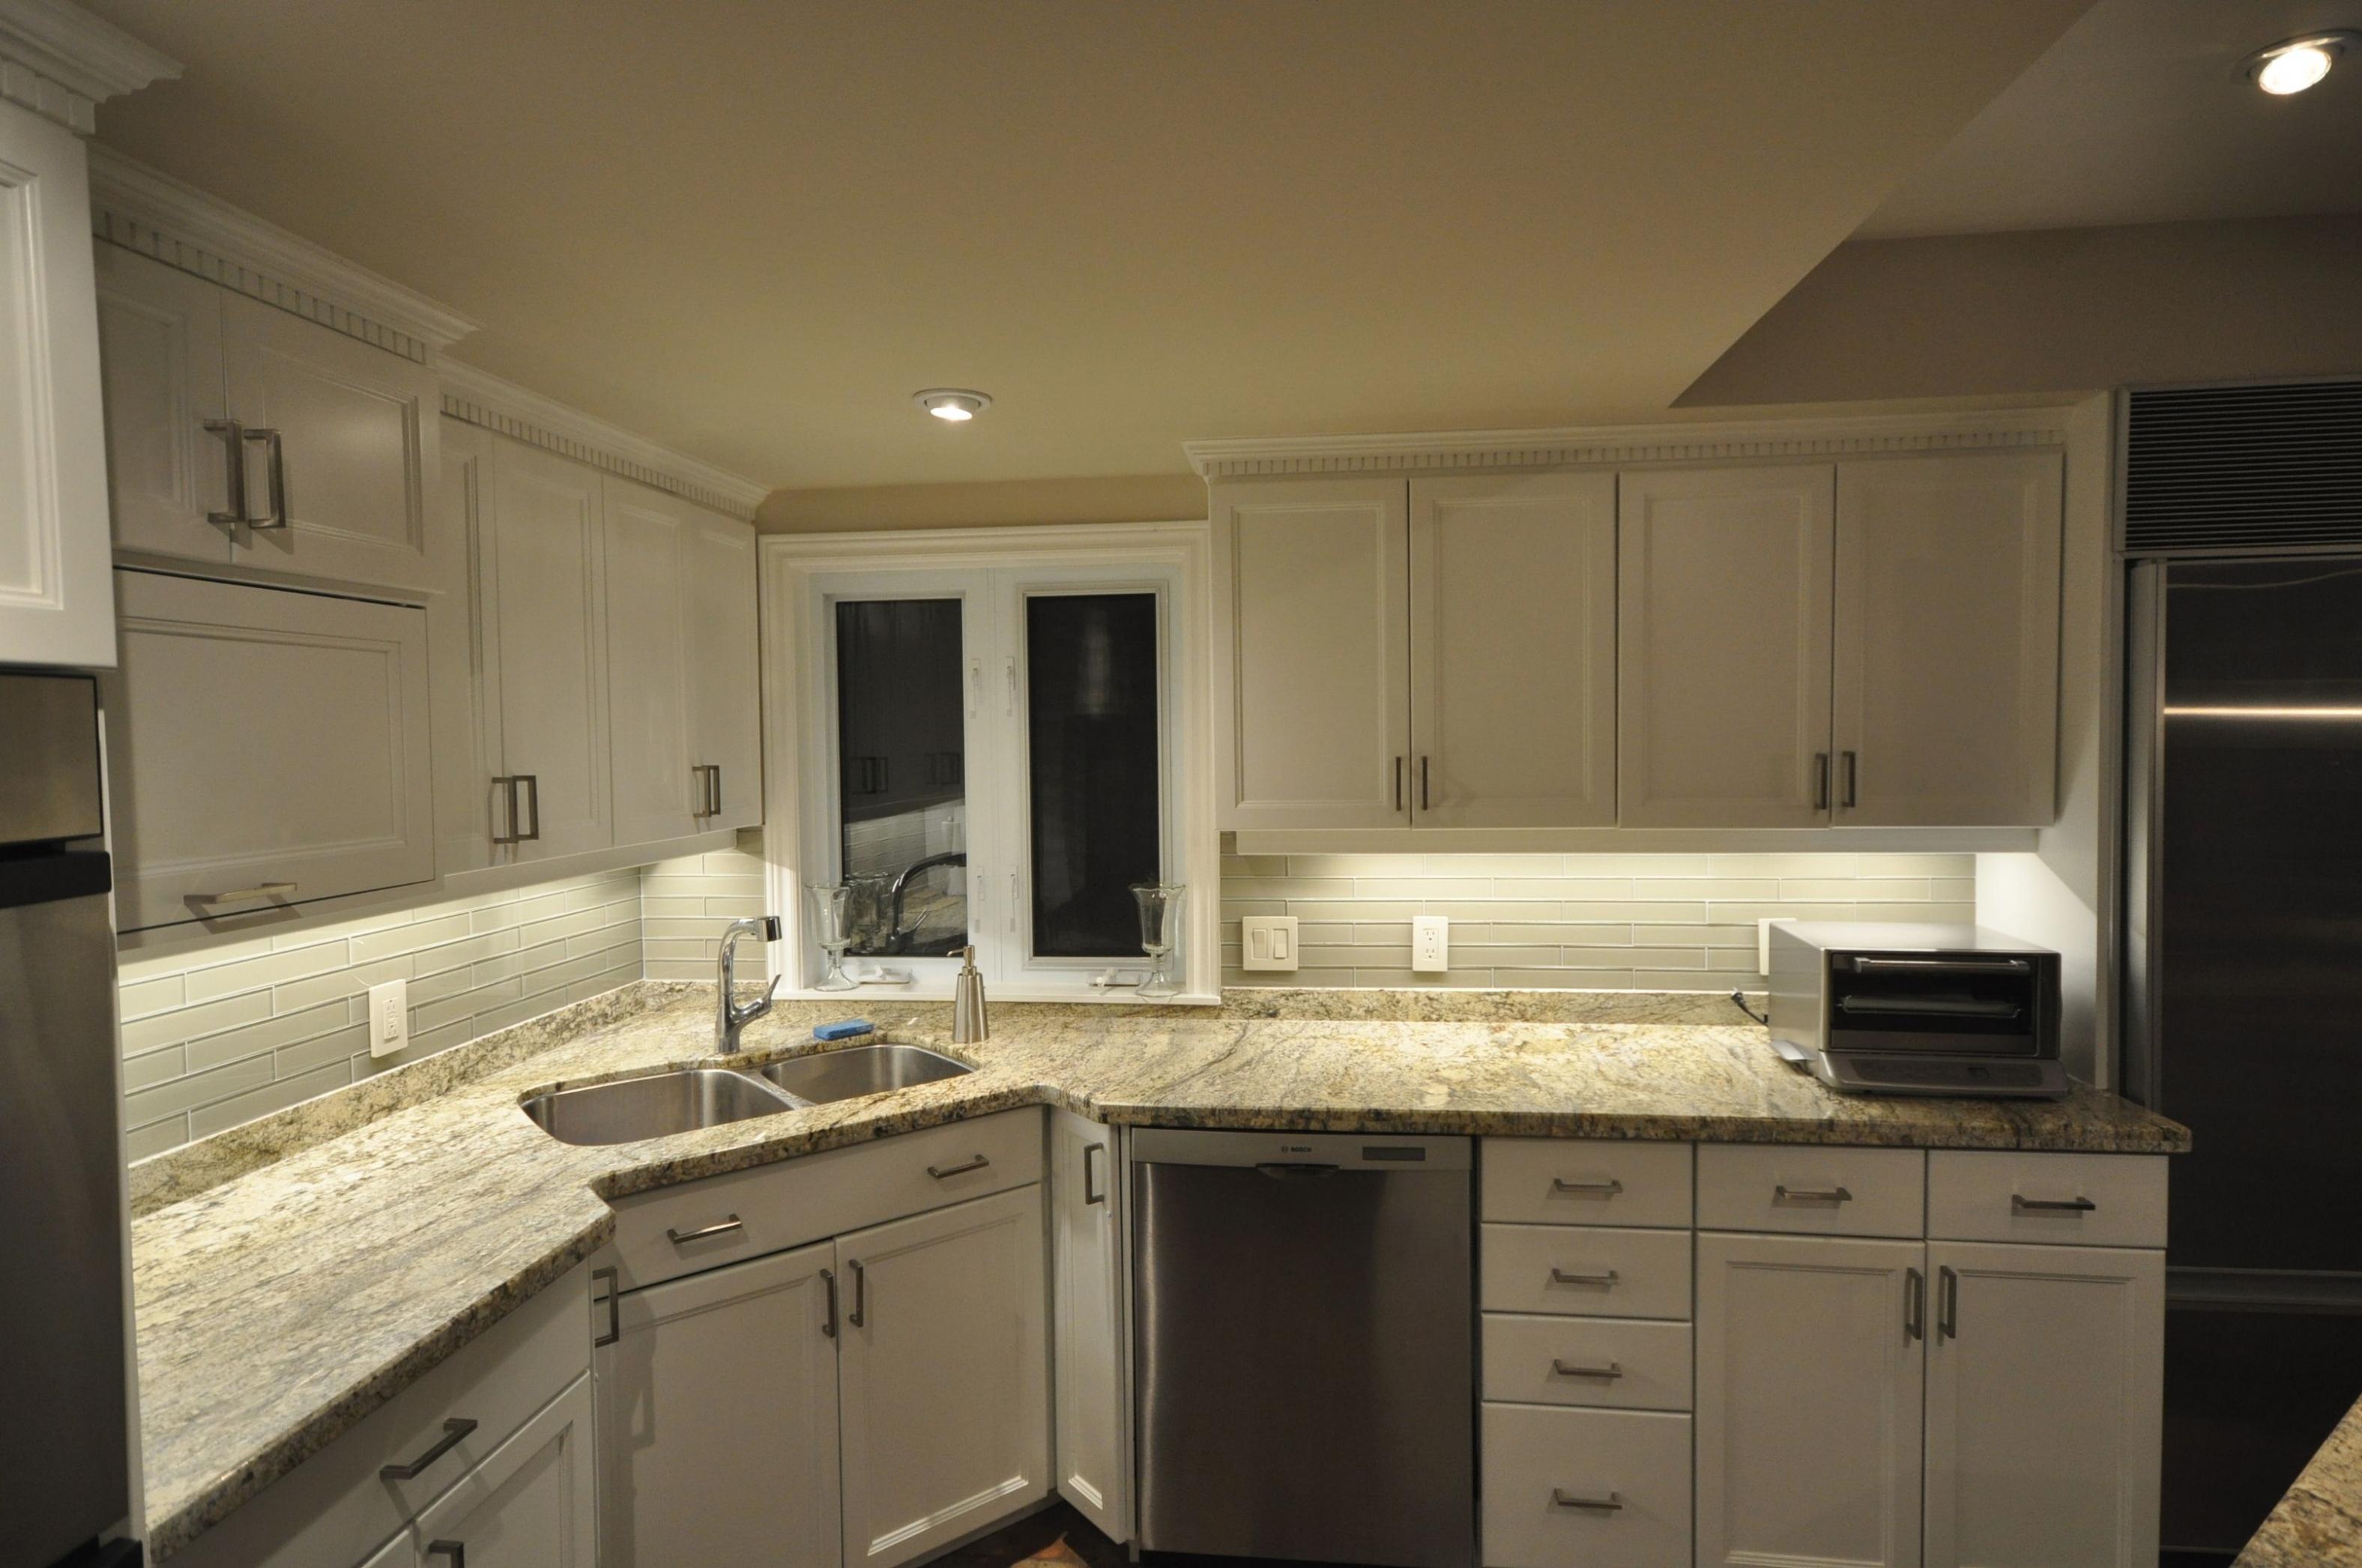 Best Led Light For Under Kitchen Cabinet Your Residence Inspiration Rab Design S Strip Lights